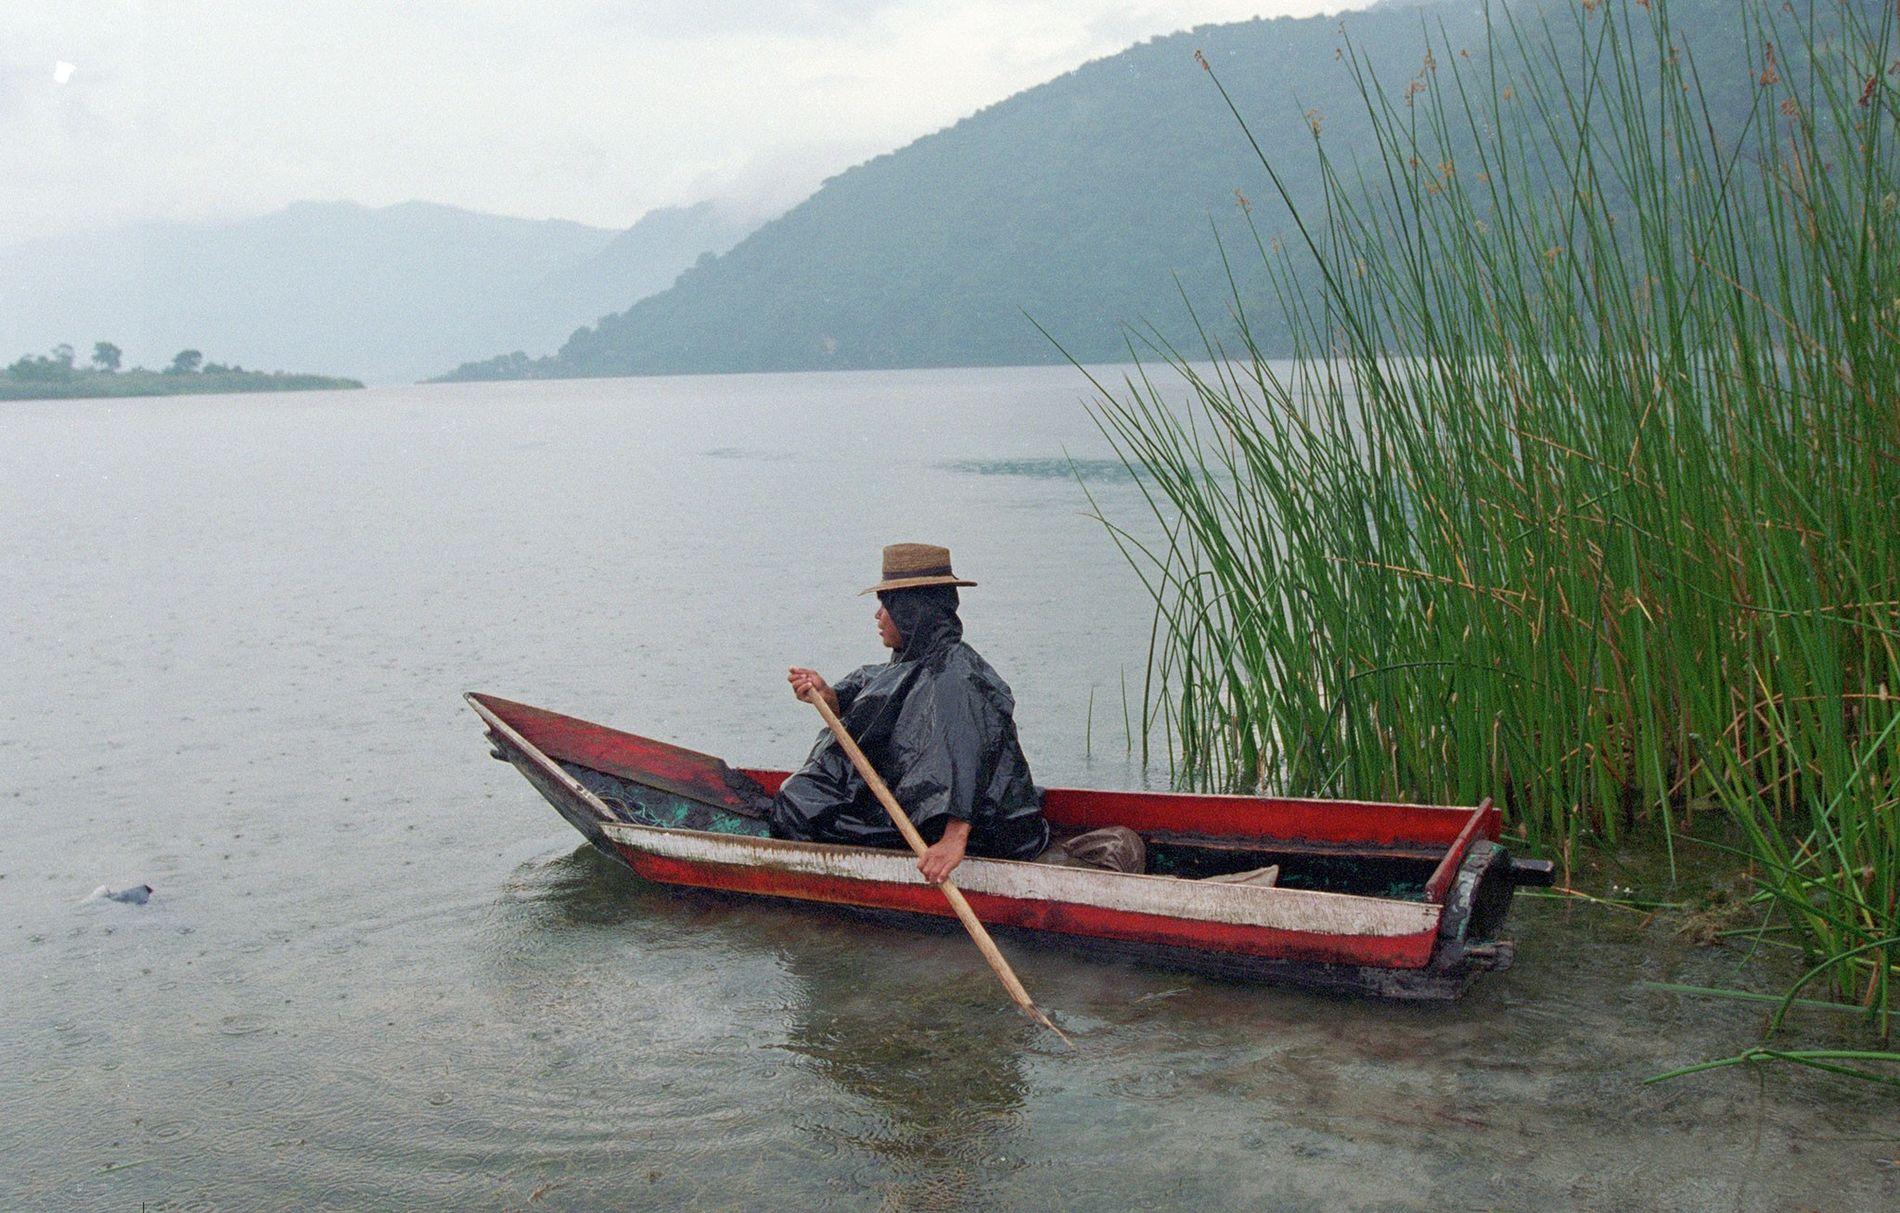 Le lac Atitlán est une attraction touristique populaire et une ressource importante en eau douce pour la région.